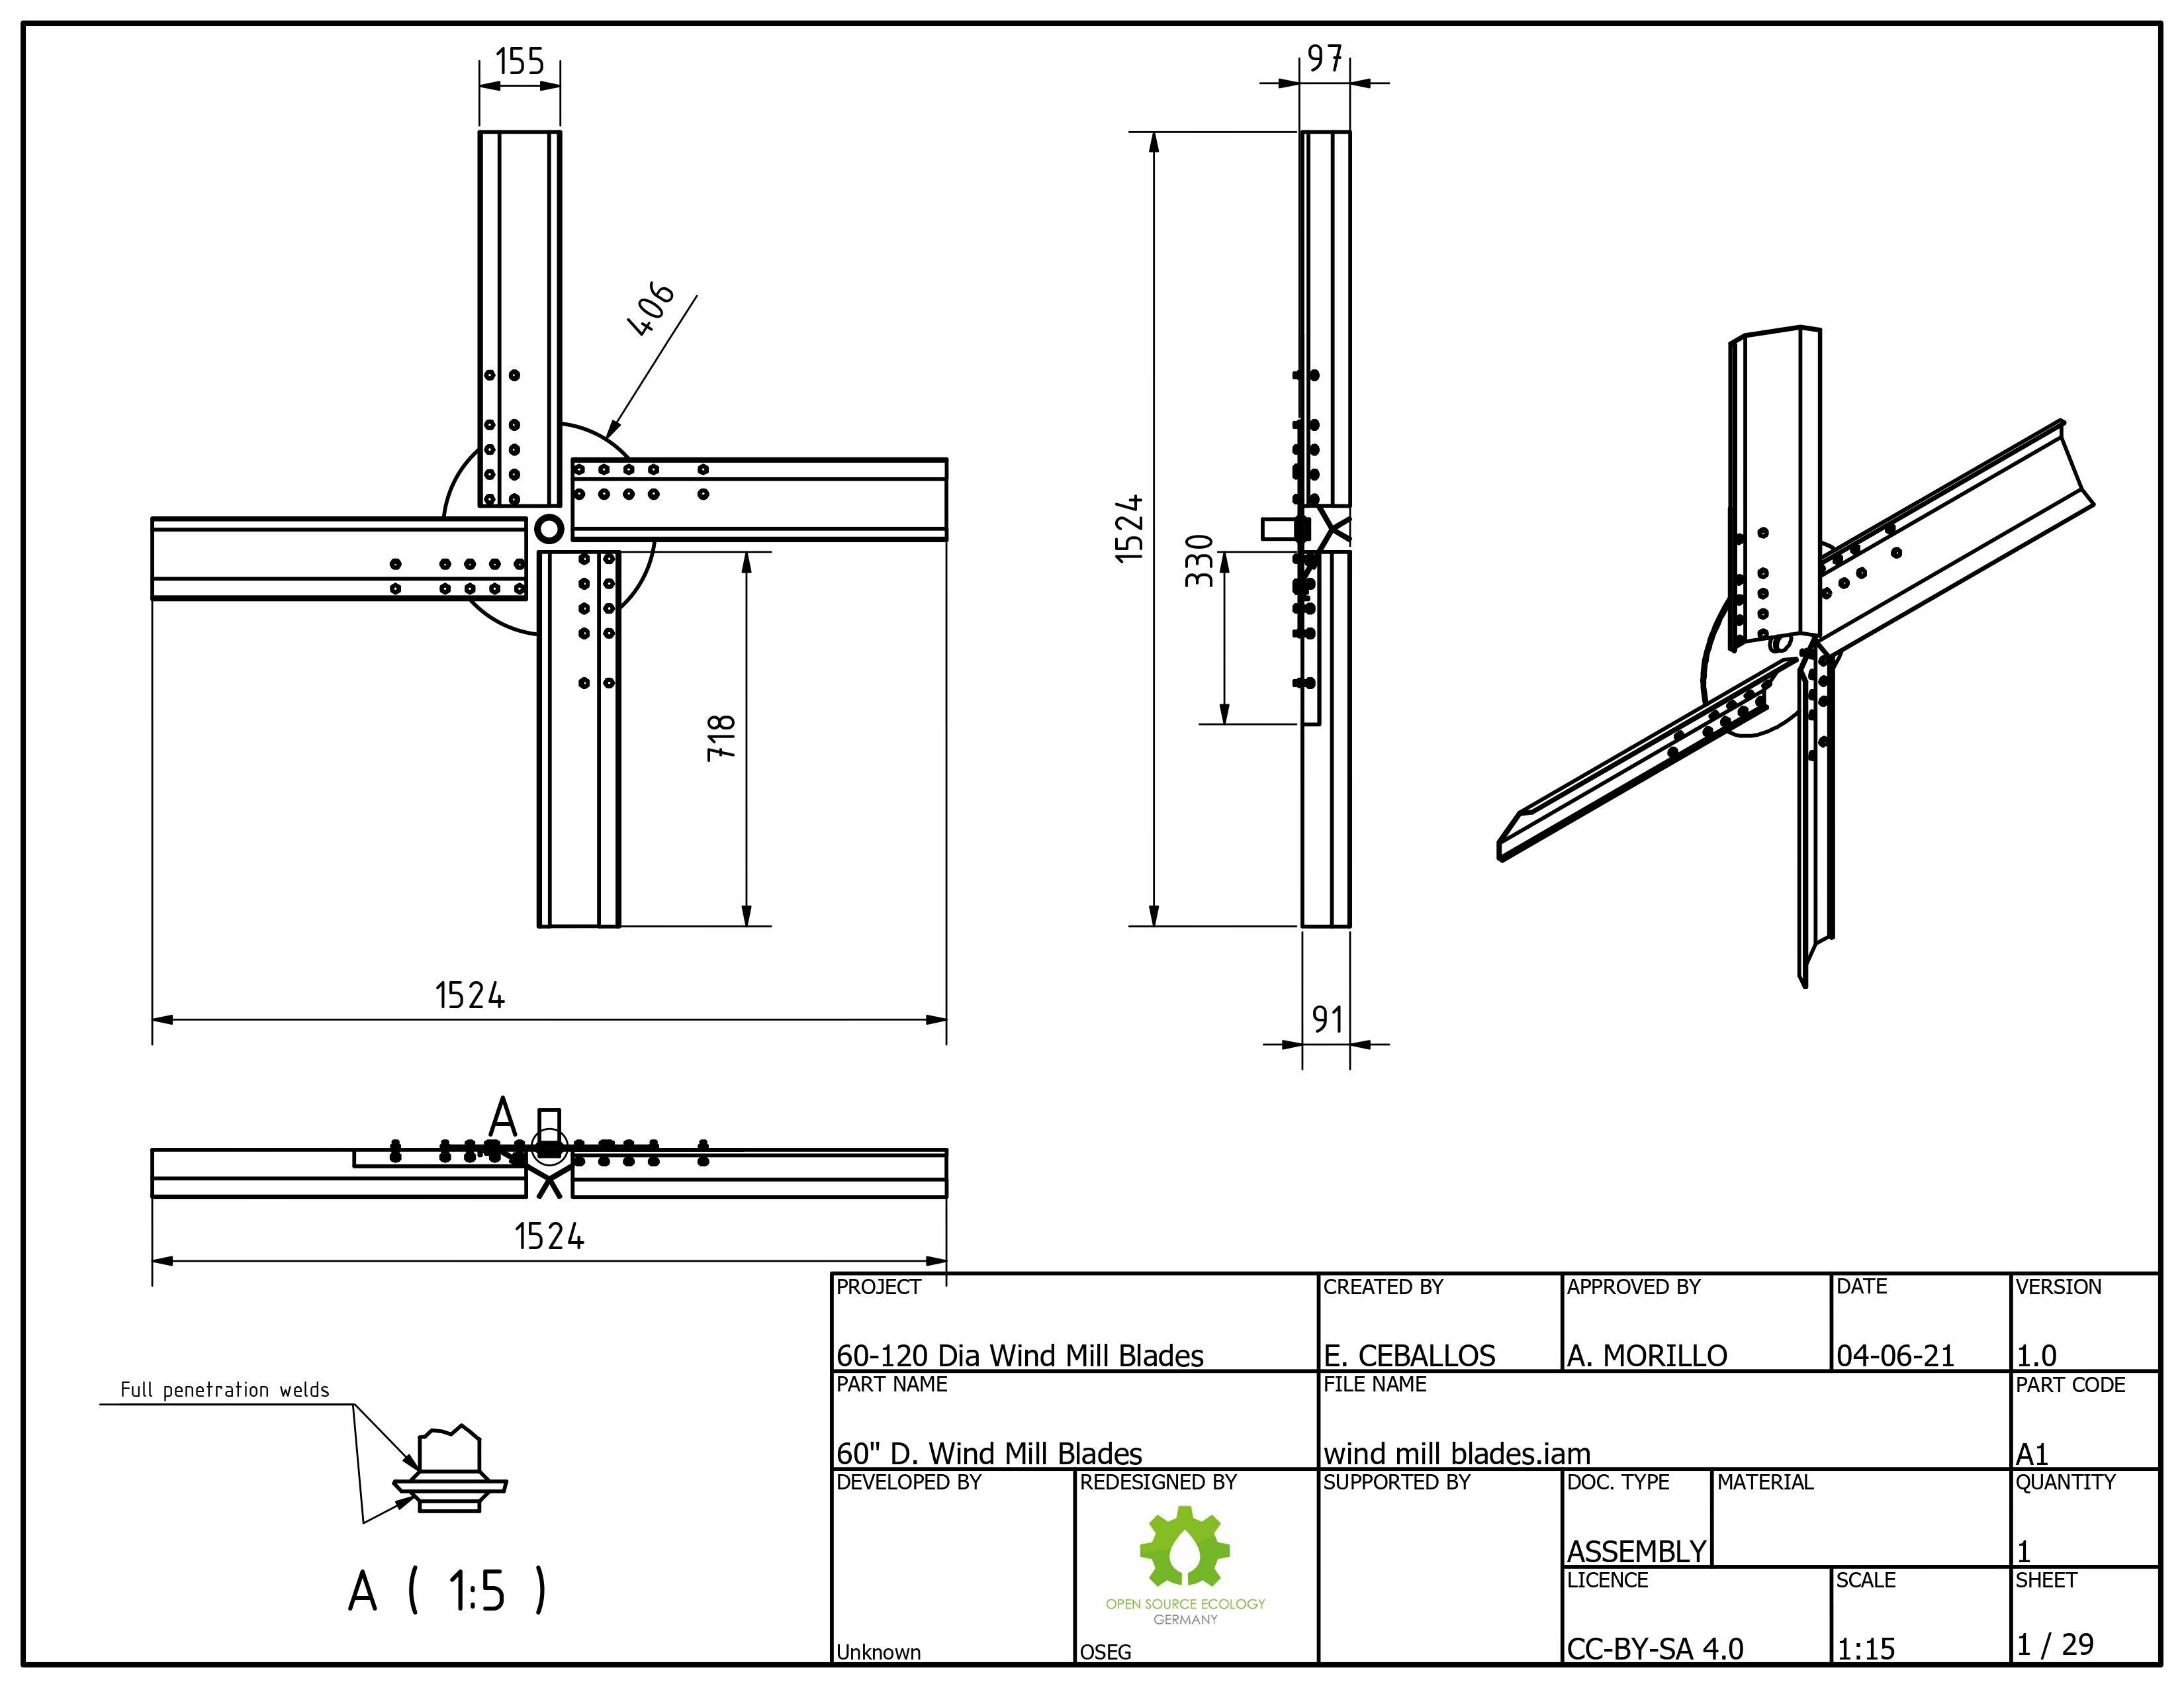 Oho wmb 60-120-wind-mill-blades 0001.jpg